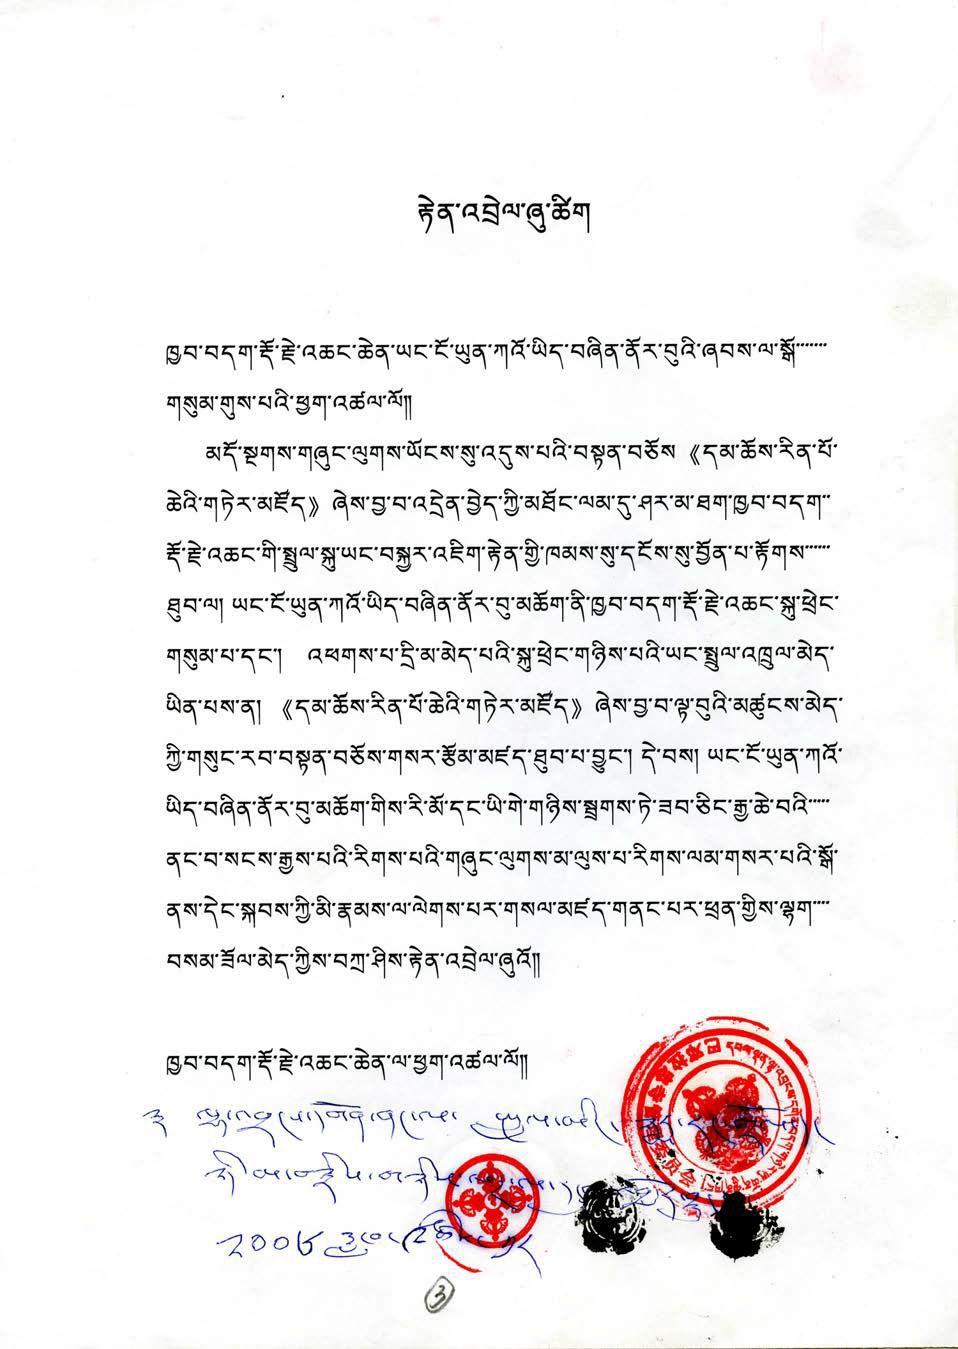 巴登拉忠寺住持:白瑪榮珠仁波且敬賀第三世多杰羌佛